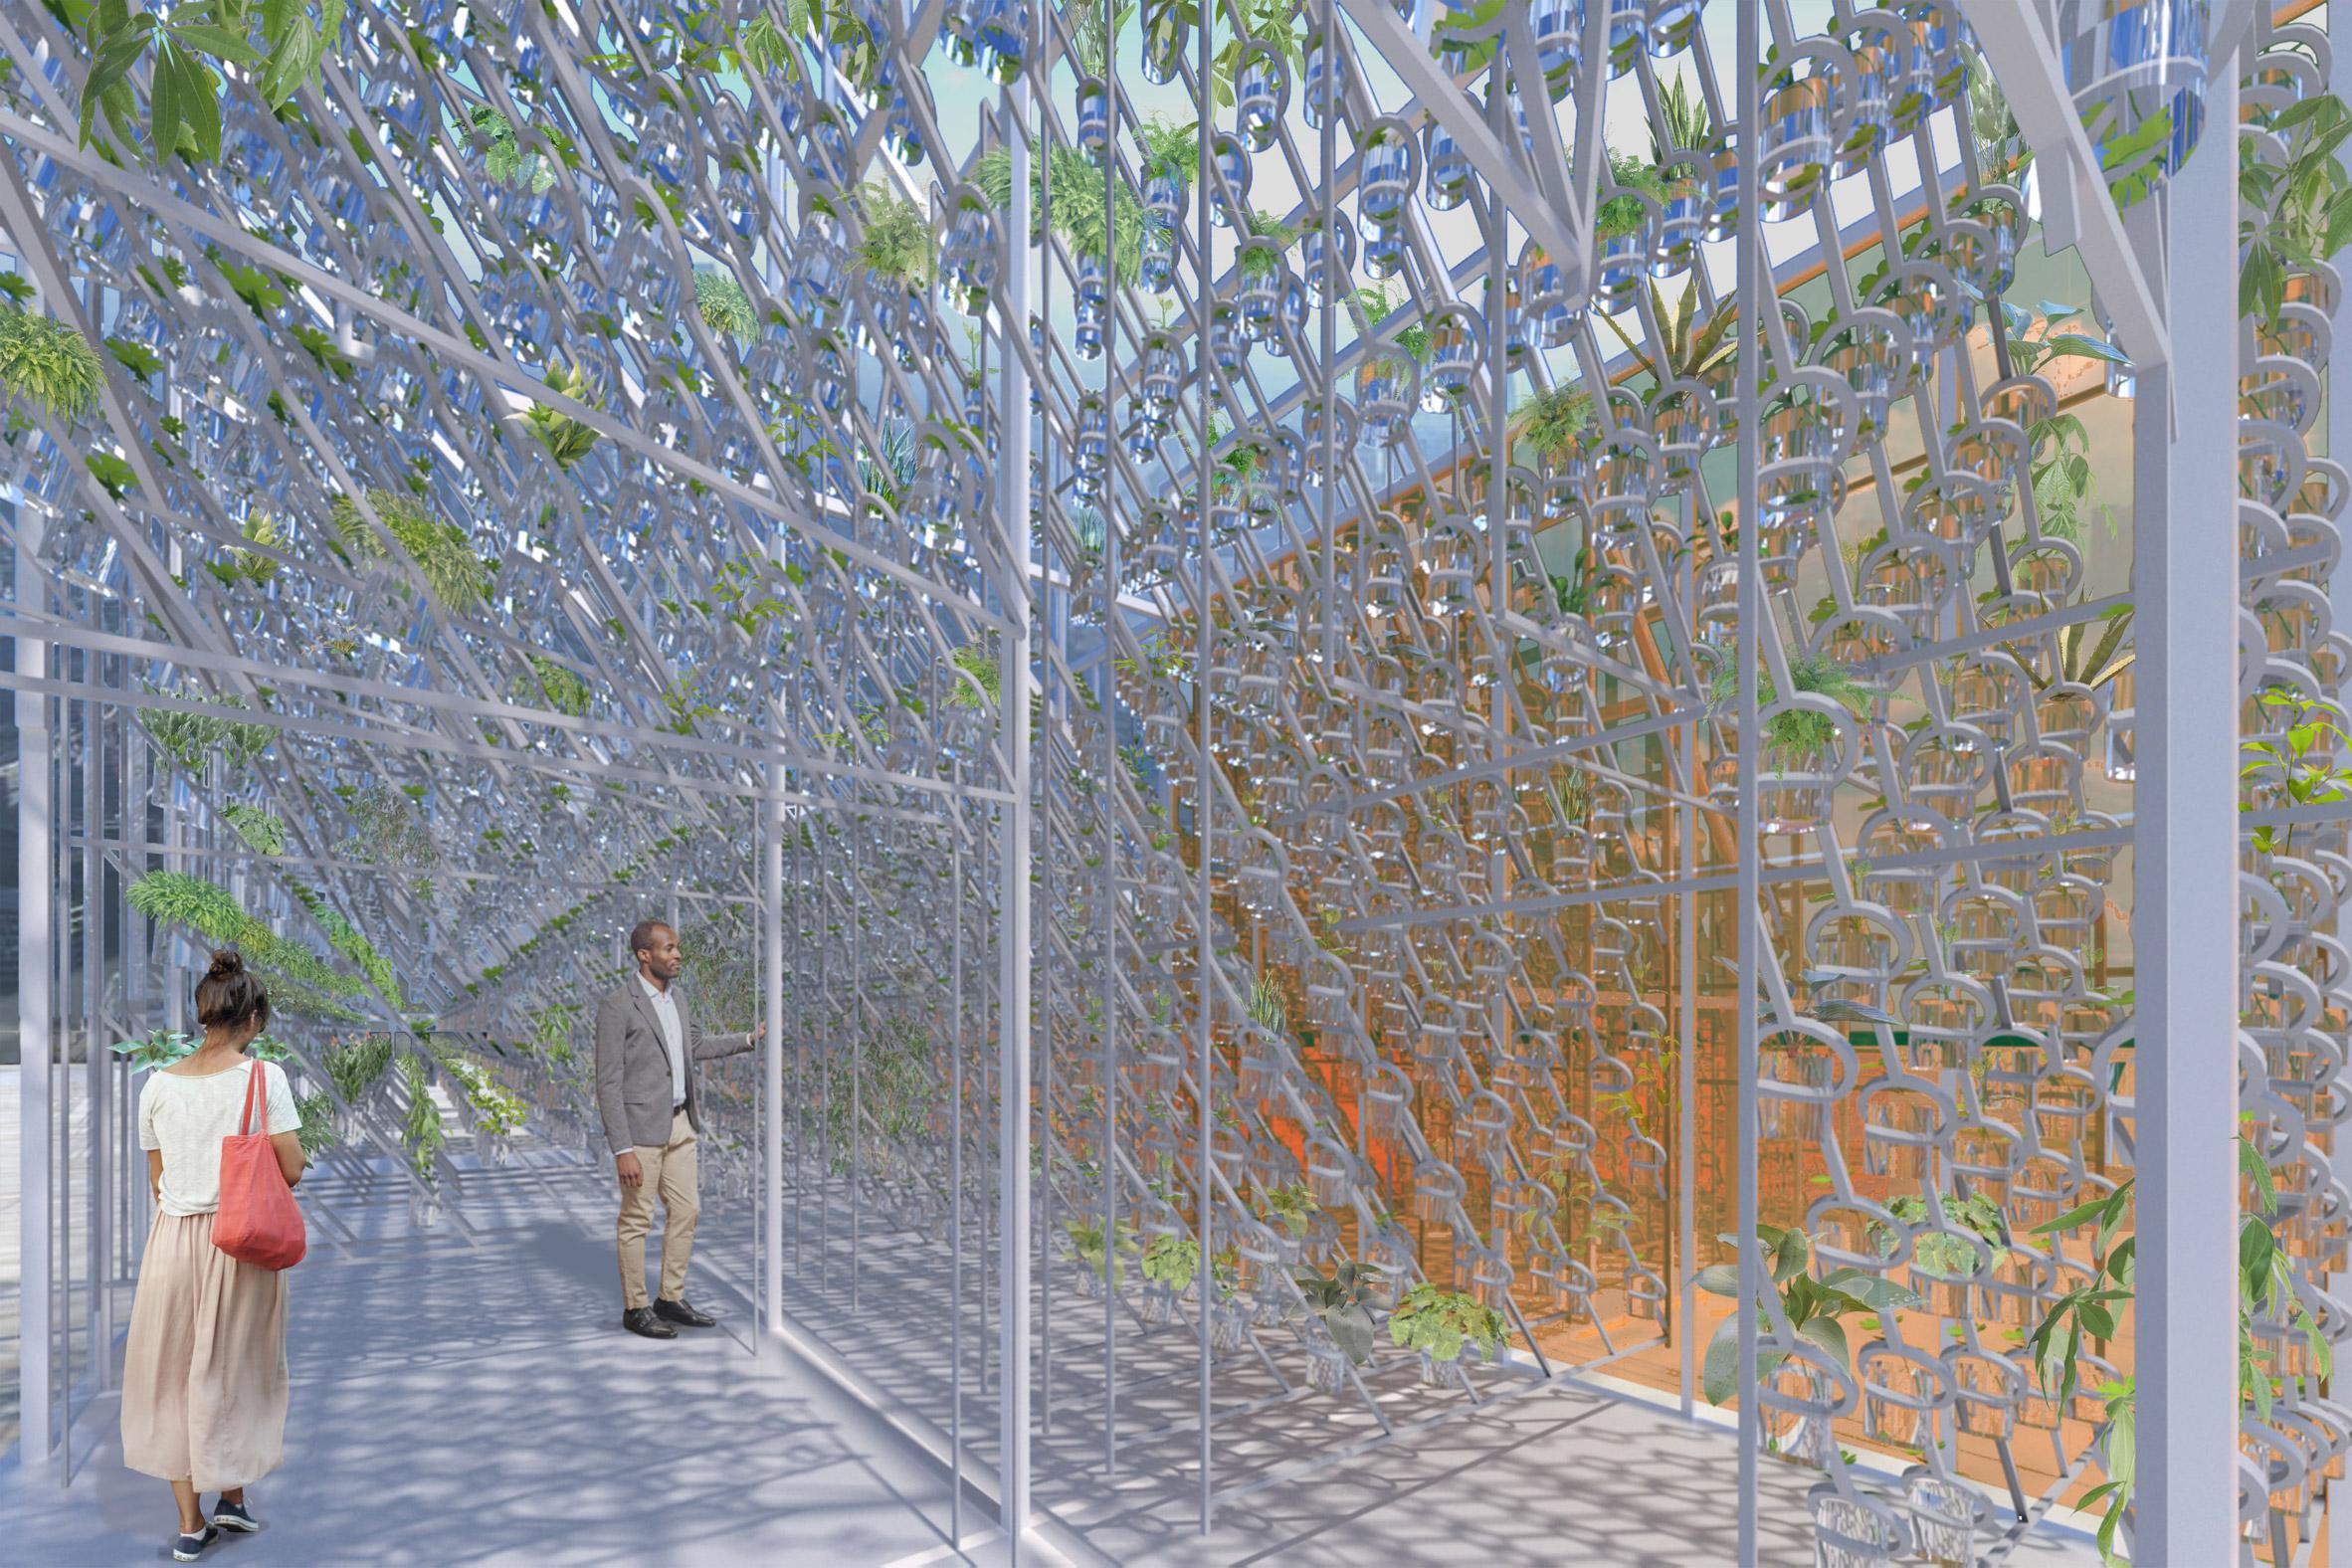 Marjan van Aubel's self-powering rooftop greenhouses aim to solve food shortages